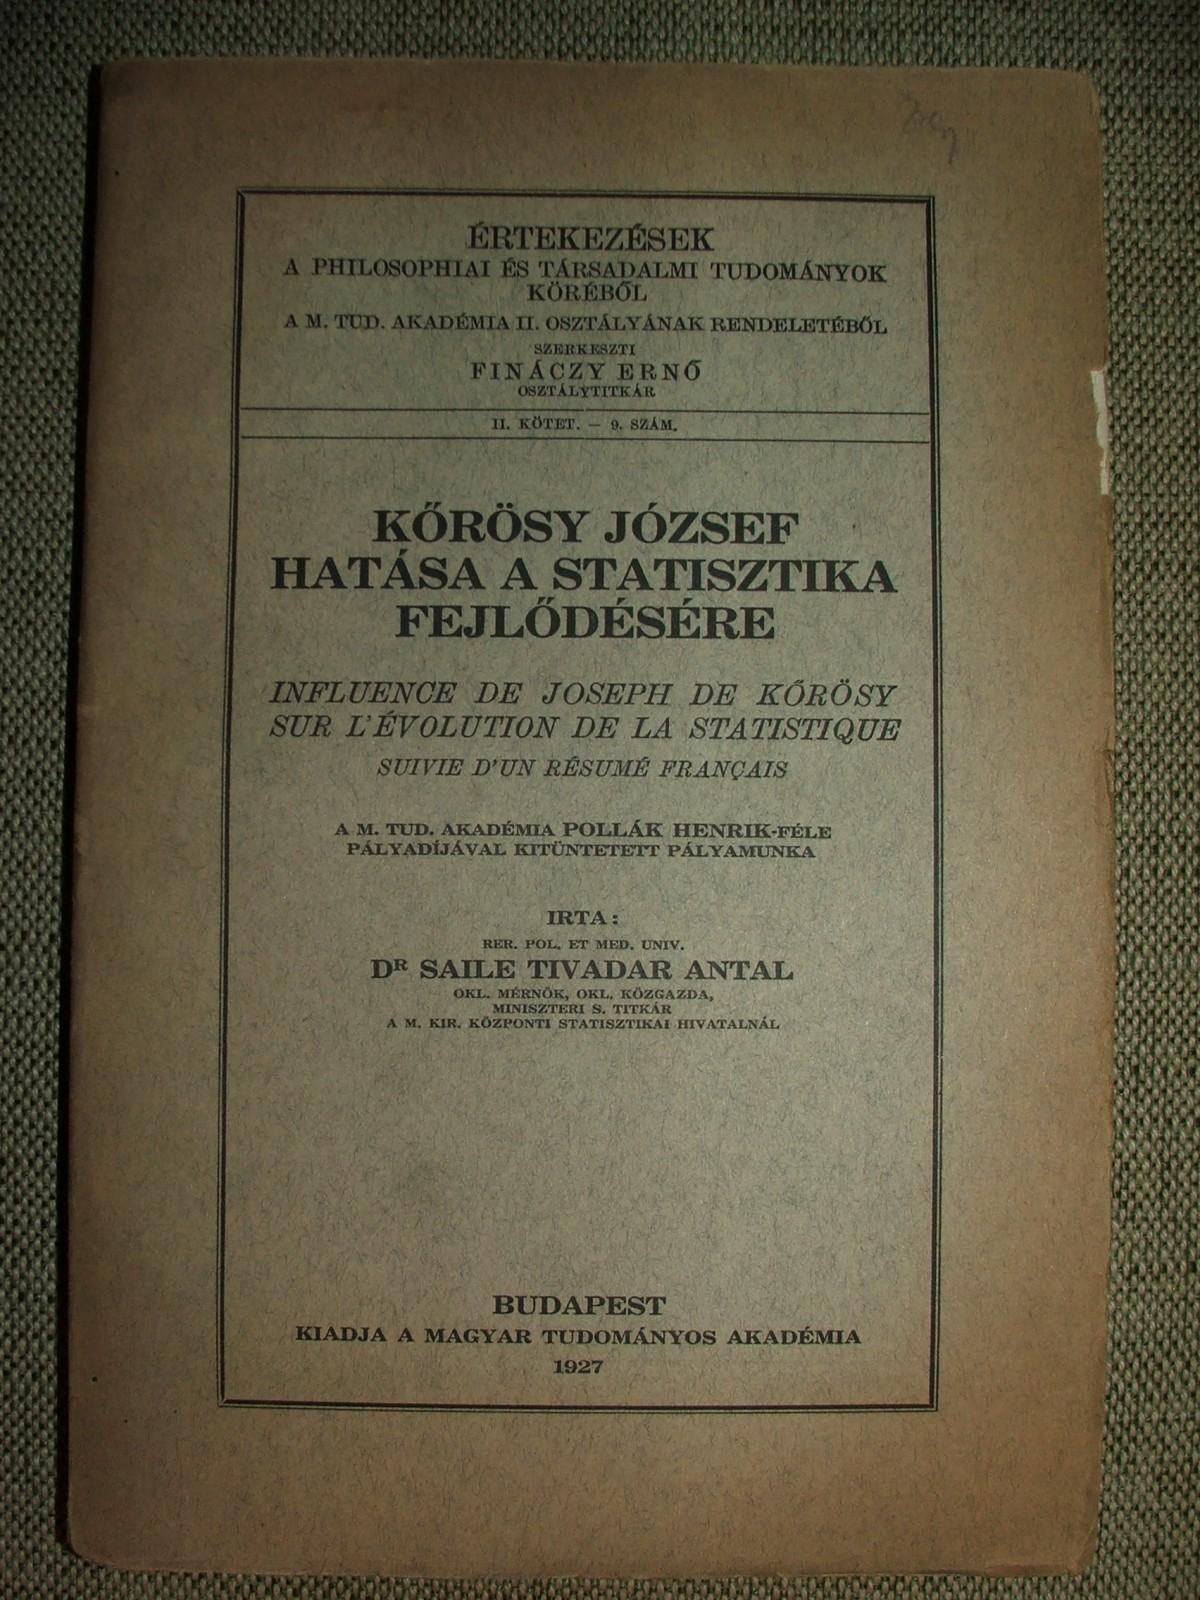 SAILE Tivadar Antal: Kőrösy József hatása a statisztika fejlődésére